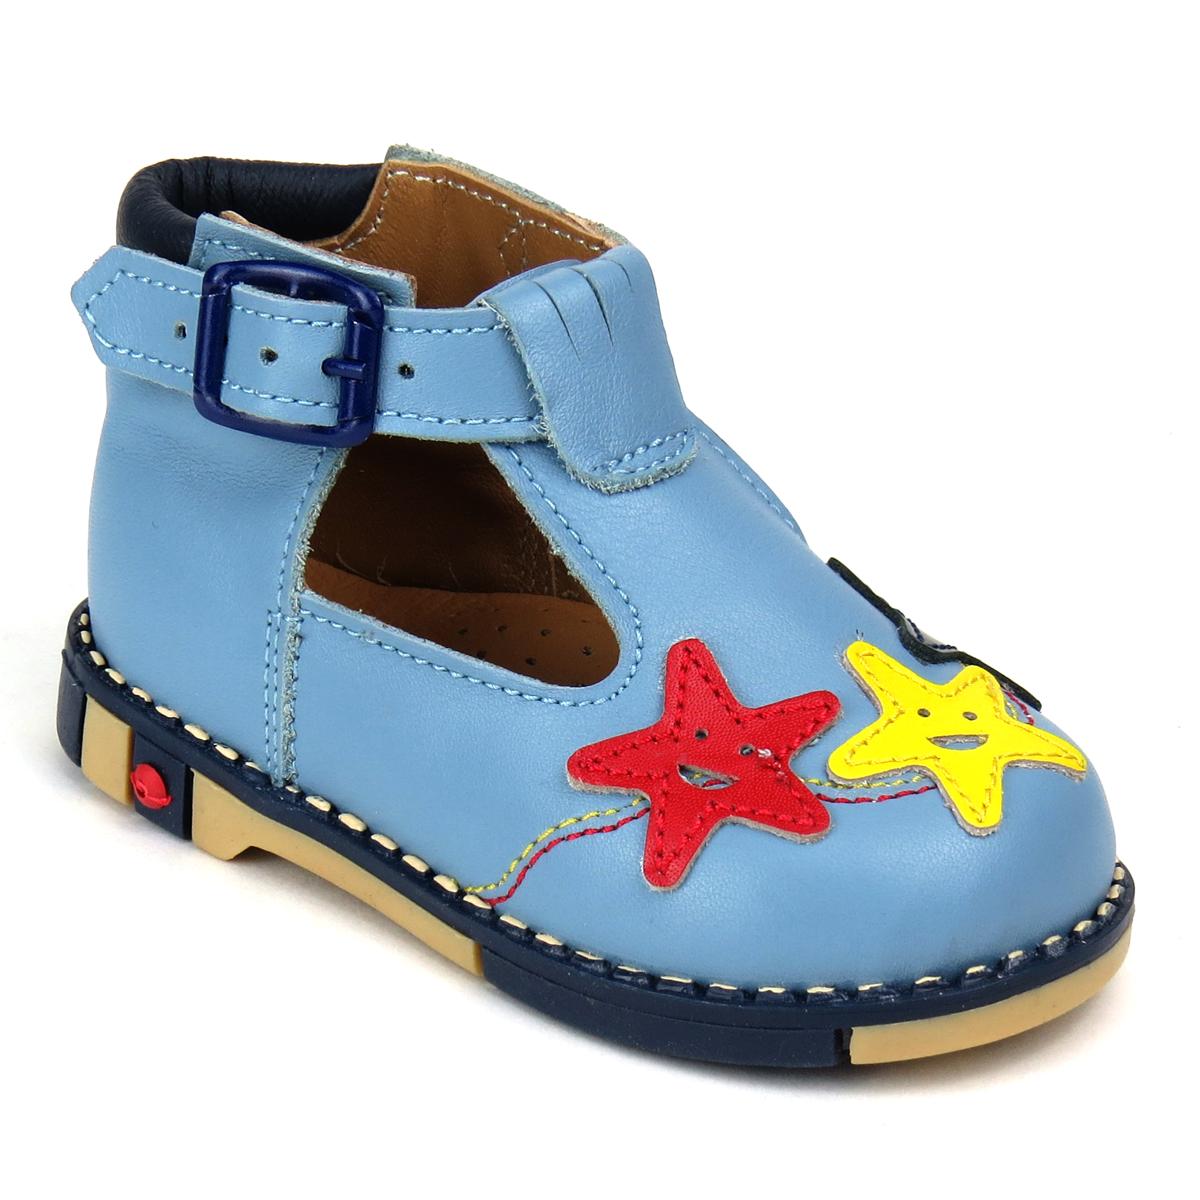 Туфли для мальчика. 226226-09Прелестные туфли от Таши Орто очаруют вашего мальчика с первого взгляда! Модель выполнена из натуральной высококачественной кожи и оформлена спереди объемными аппликациями в виде морских звездочек, декоративной прострочкой. Полужесткий закрытый задник и ремешок с застежкой-пряжкой надежно фиксируют ножку ребенка, не давая ей смещаться из стороны в сторону и назад. Длина ремешка регулируется за счет болта. Стелька из натуральной кожи дополнена супинатором с перфорацией, который обеспечивает правильное положение ноги ребенка при ходьбе, предотвращает плоскостопие. Ортопедический каблук Томаса укрепляет подошву под средней частью стопы и препятствует заваливанию детской стопы внутрь. Гибкая подошва позволяет сгибаться детской стопе при ходьбе или беге анатомически правильно, в 1/3 стопы, а не посередине. Рифленая поверхность подошвы защищает изделие от скольжения. Яркие стильные туфли поднимут настроение вам и вашему ребенку!